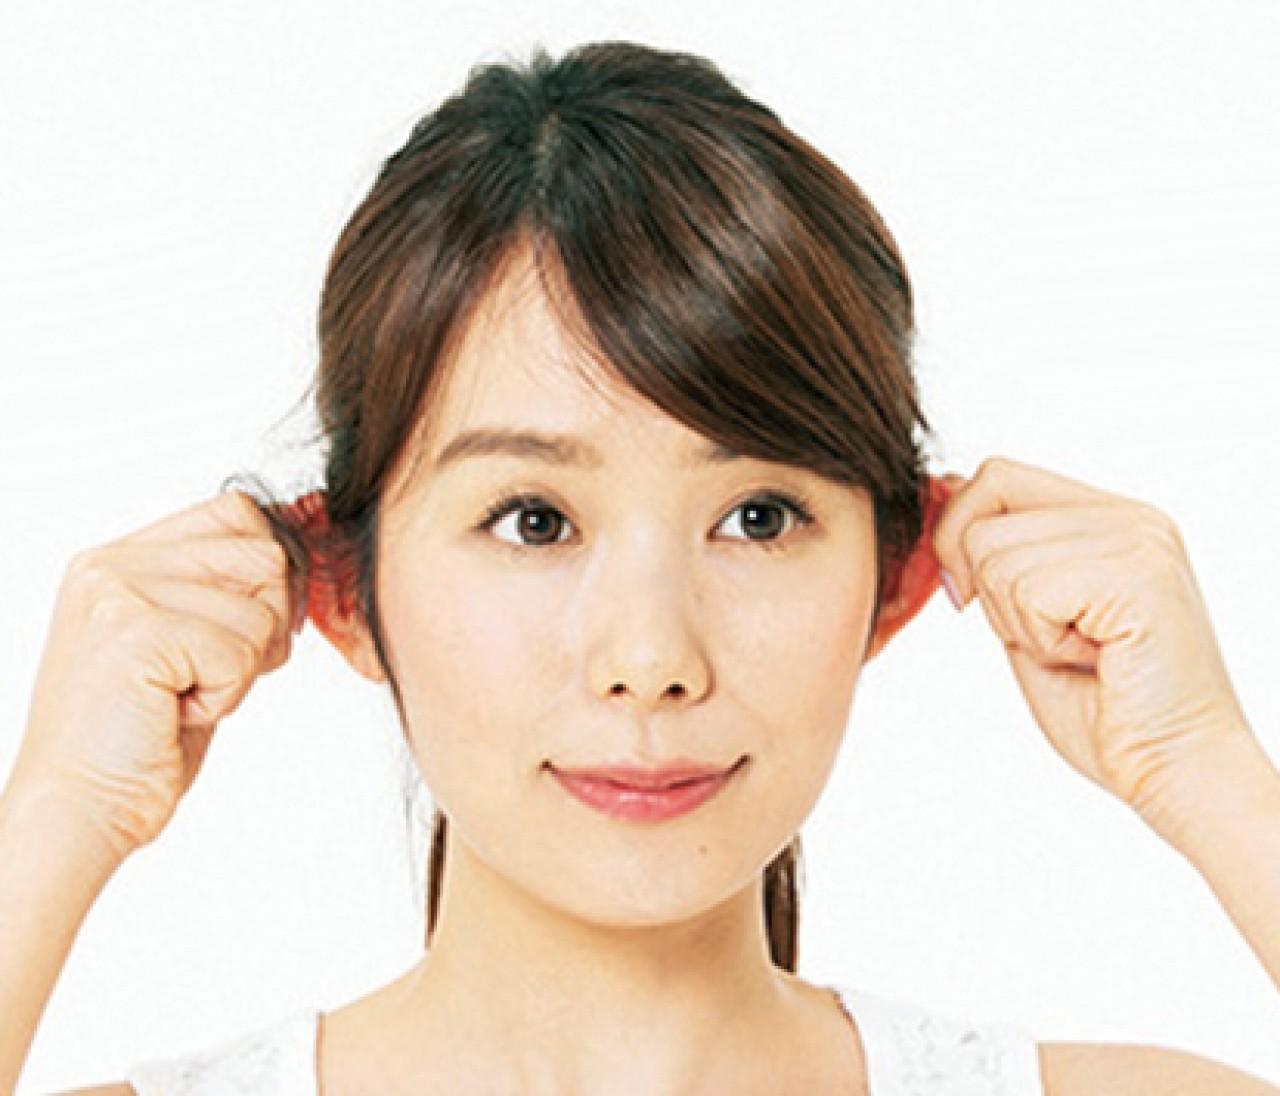 【顔・脚・全身】むくみ解消ストレッチ&マッサージ